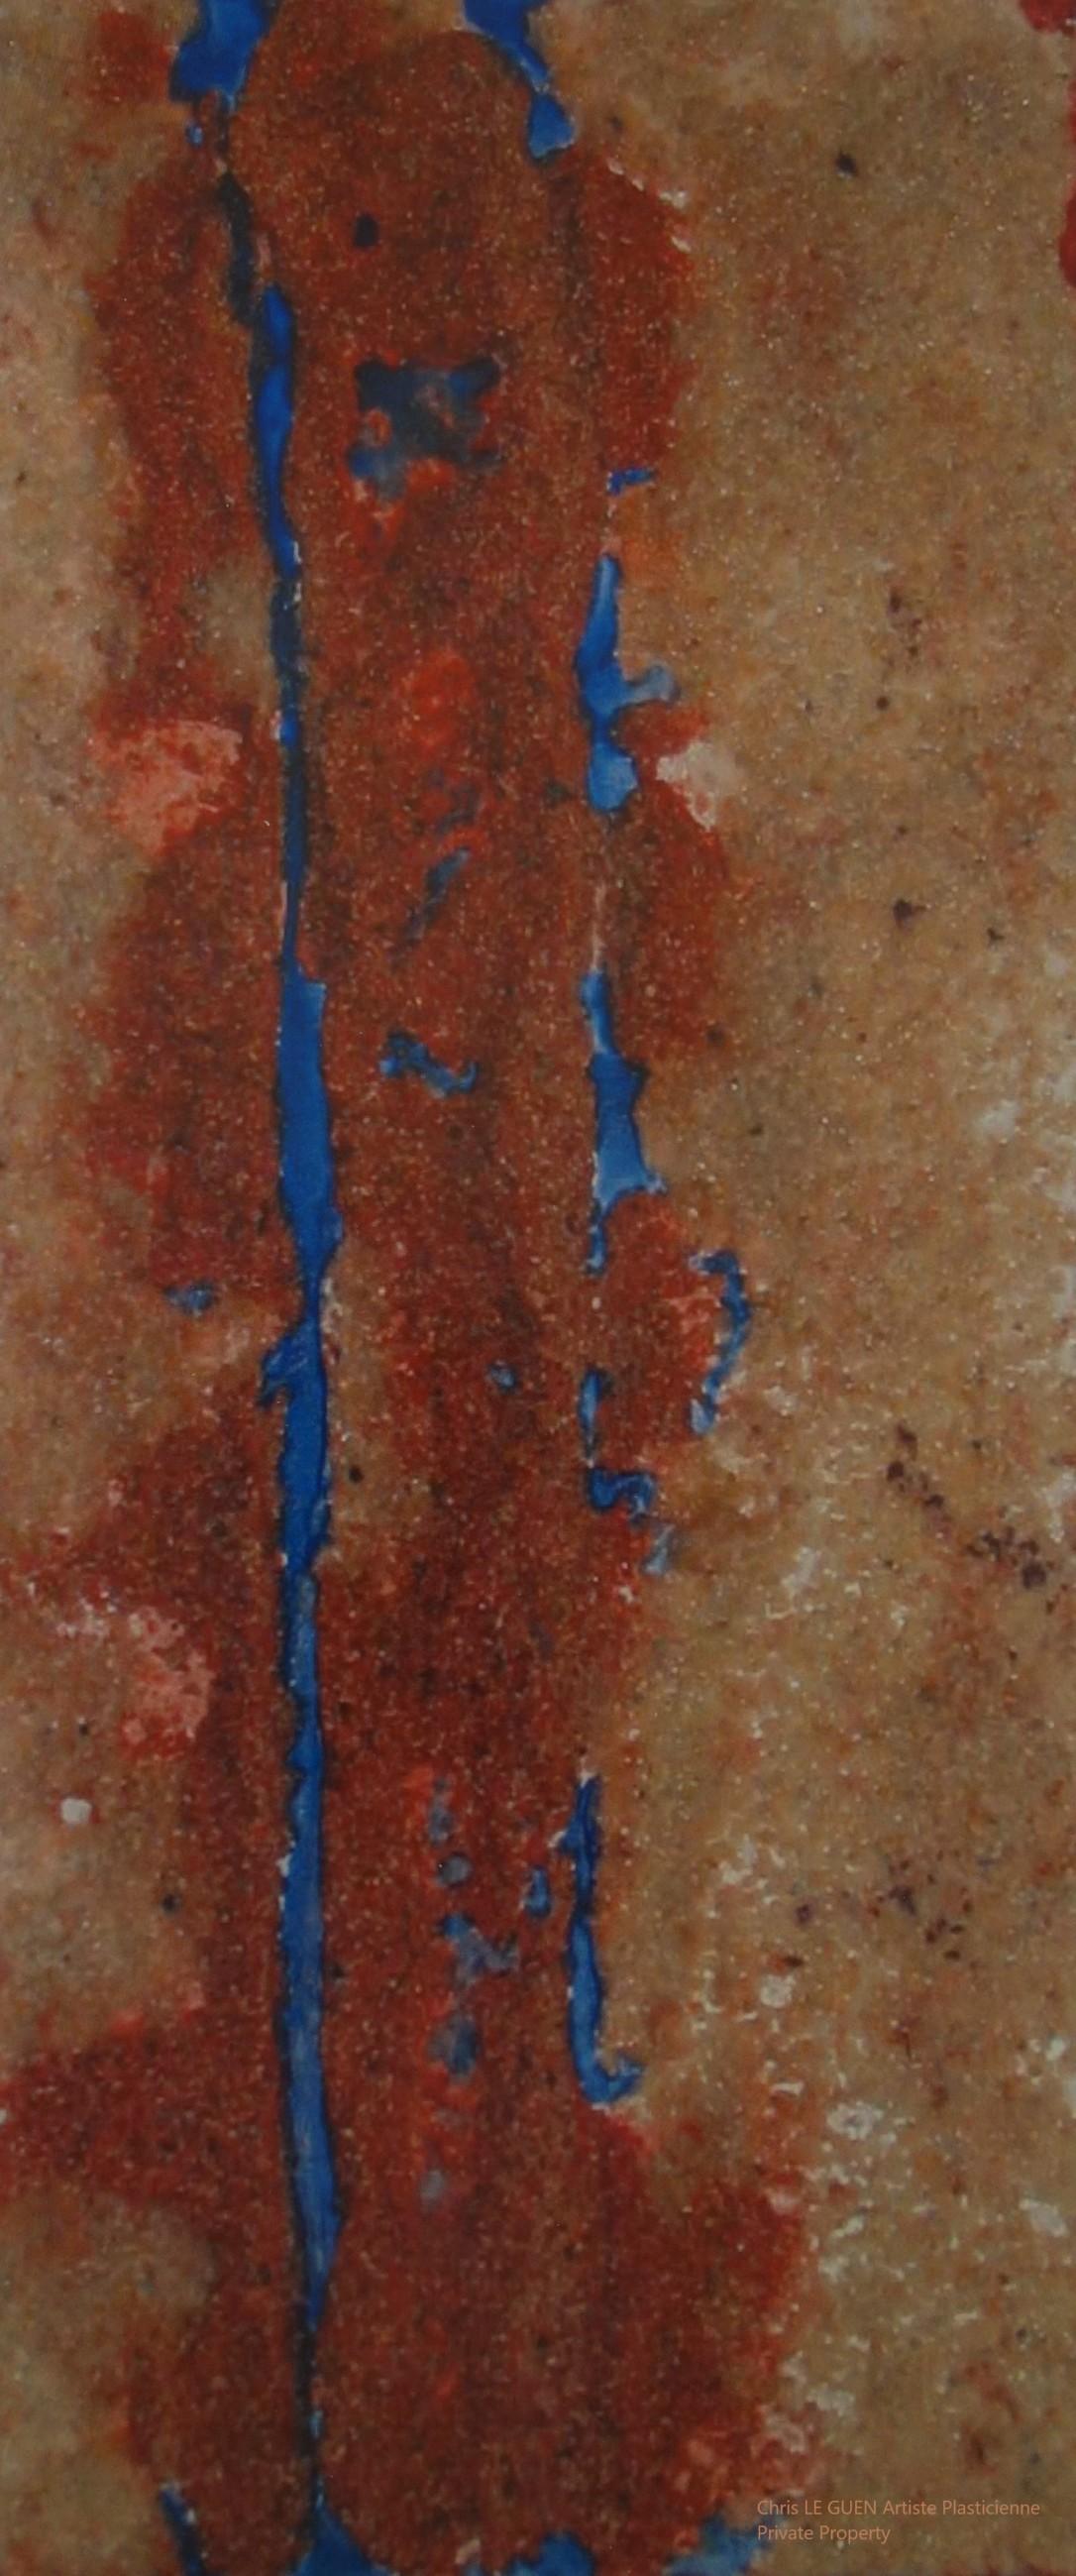 Chris Le Guen Artiste Plasticienne Peintre et Sculptrice peint N°18